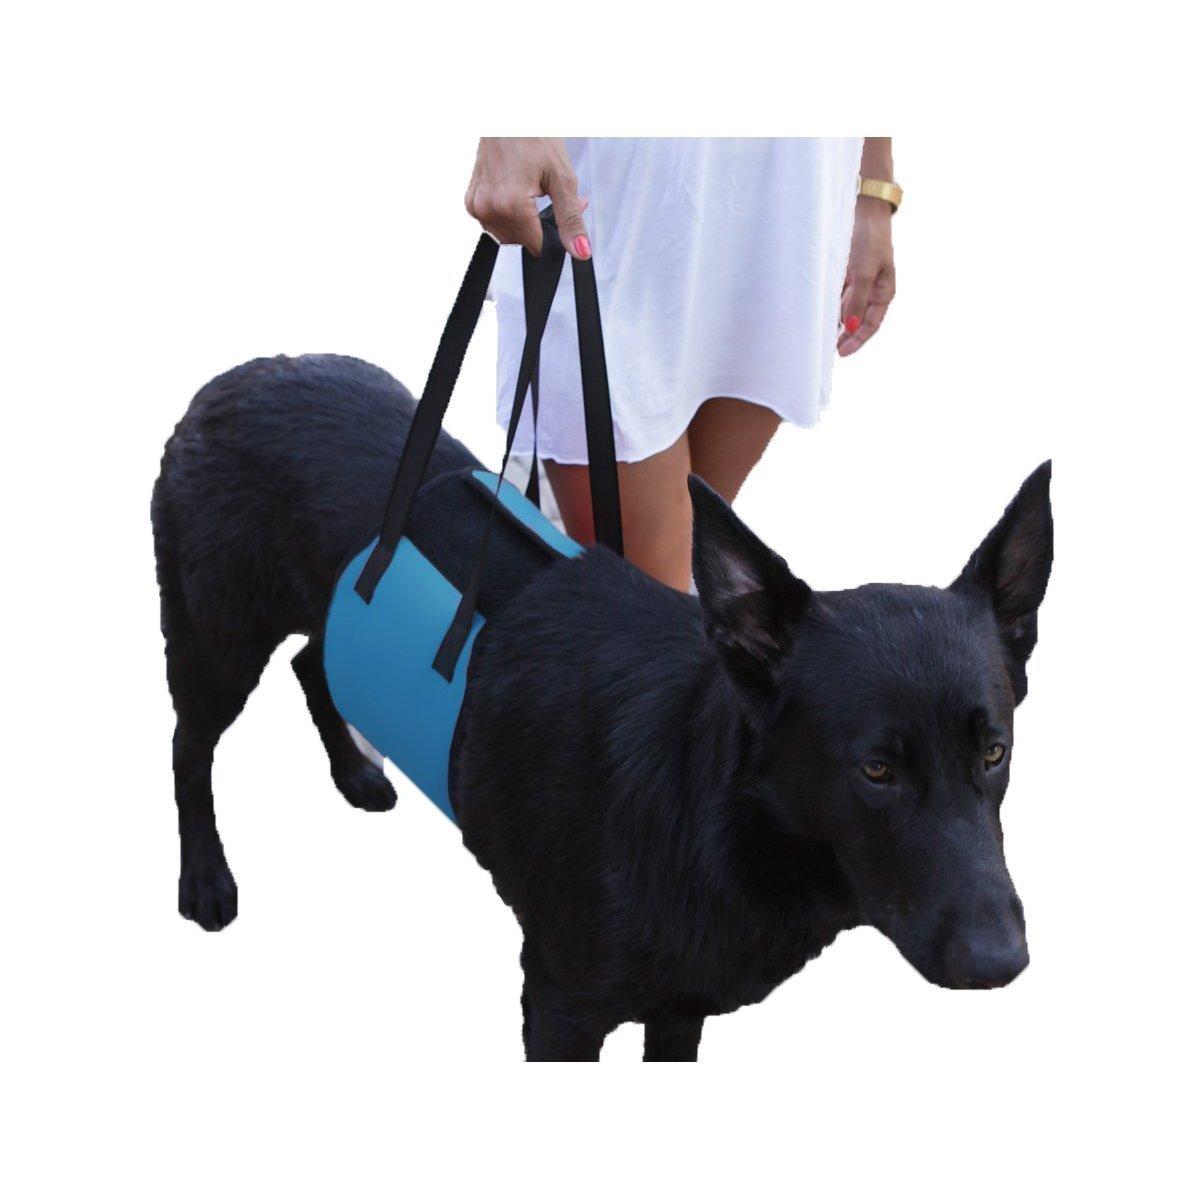 Harnais pour chien, S7 SEVEN Grand Chien Harnais support Sling Aide à Chiens avec faible Pieds Stand Up, marcher, les escaliers et Entrez dans voitures Prend en charge 45–34 kilogram Convient pour chiens de taille moyenne et grande pour la mob